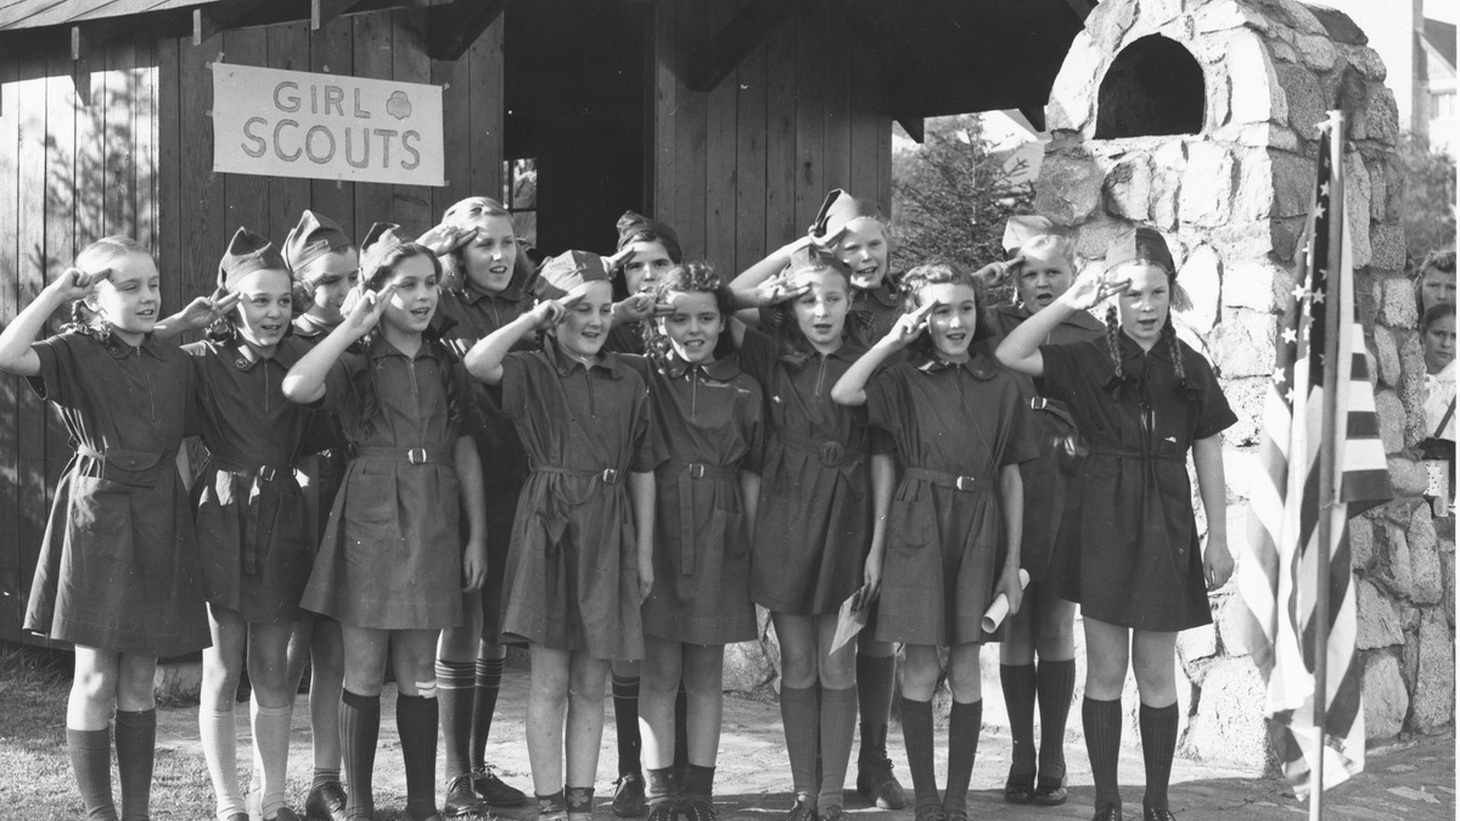 Girl Scouts, circa 1940s, taken at Camp Long.